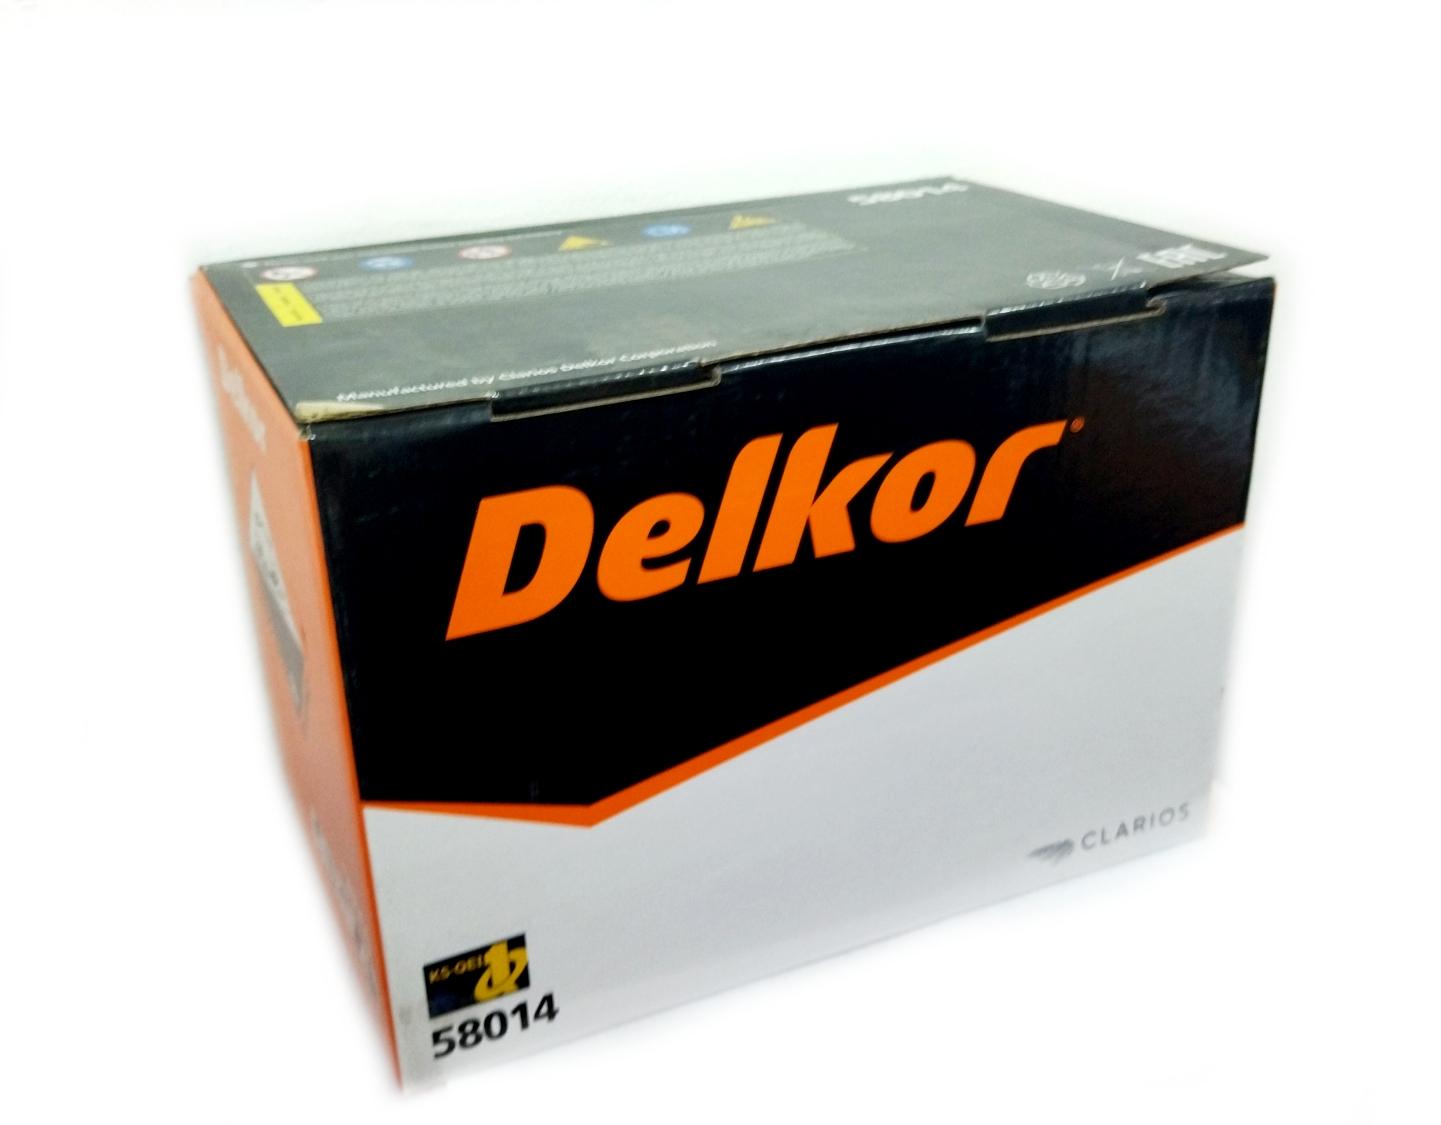 Delkor battery packed